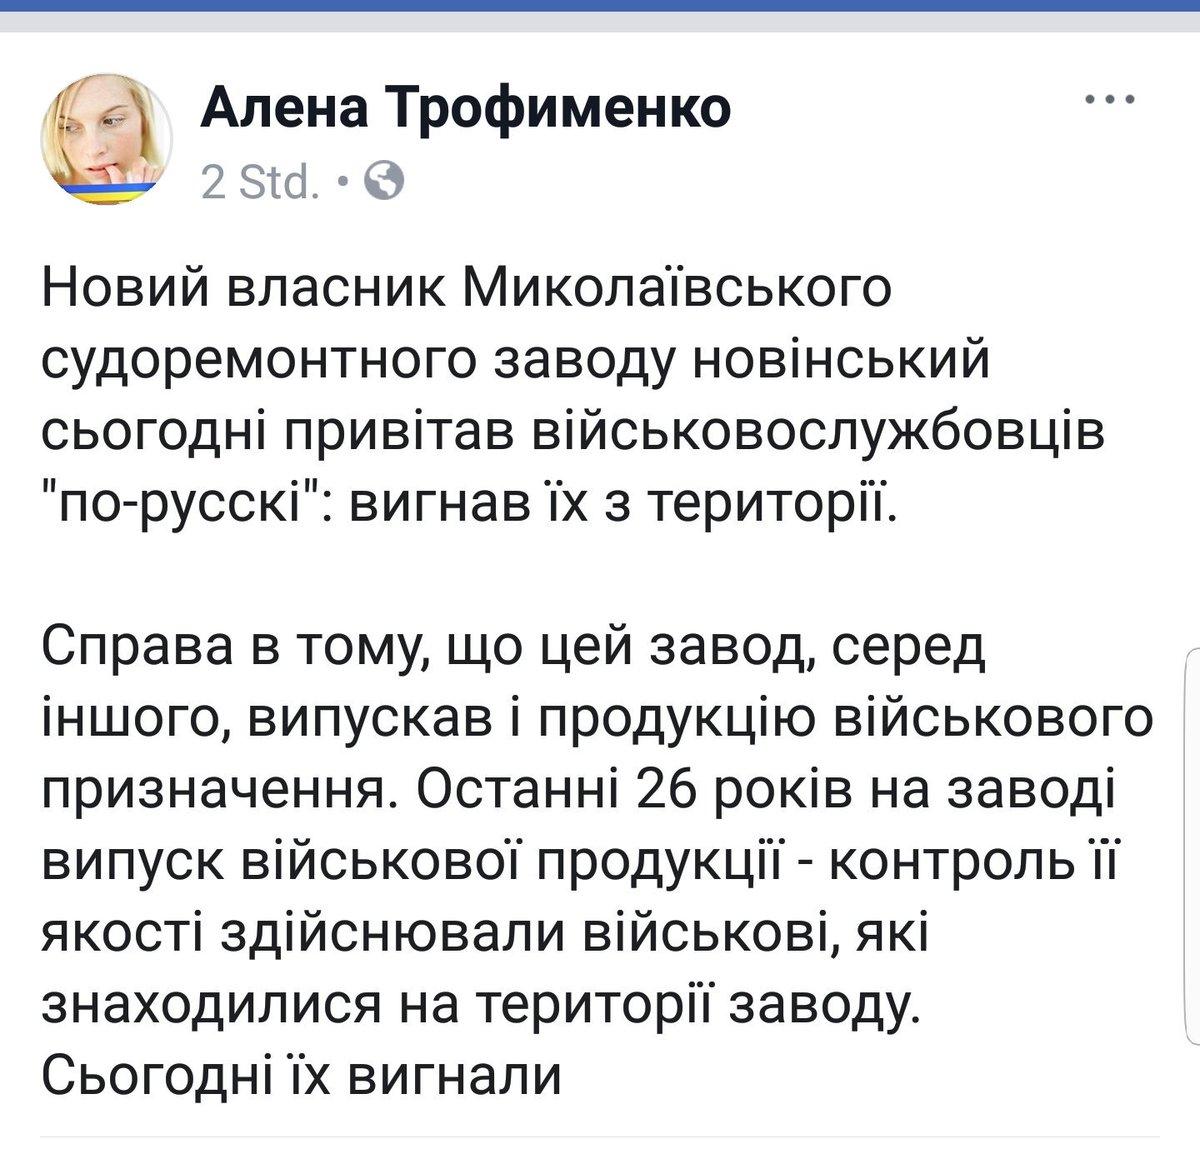 Ніхто не знає, кого Росія захоче атакувати завтра, - Порошенко - Цензор.НЕТ 4484